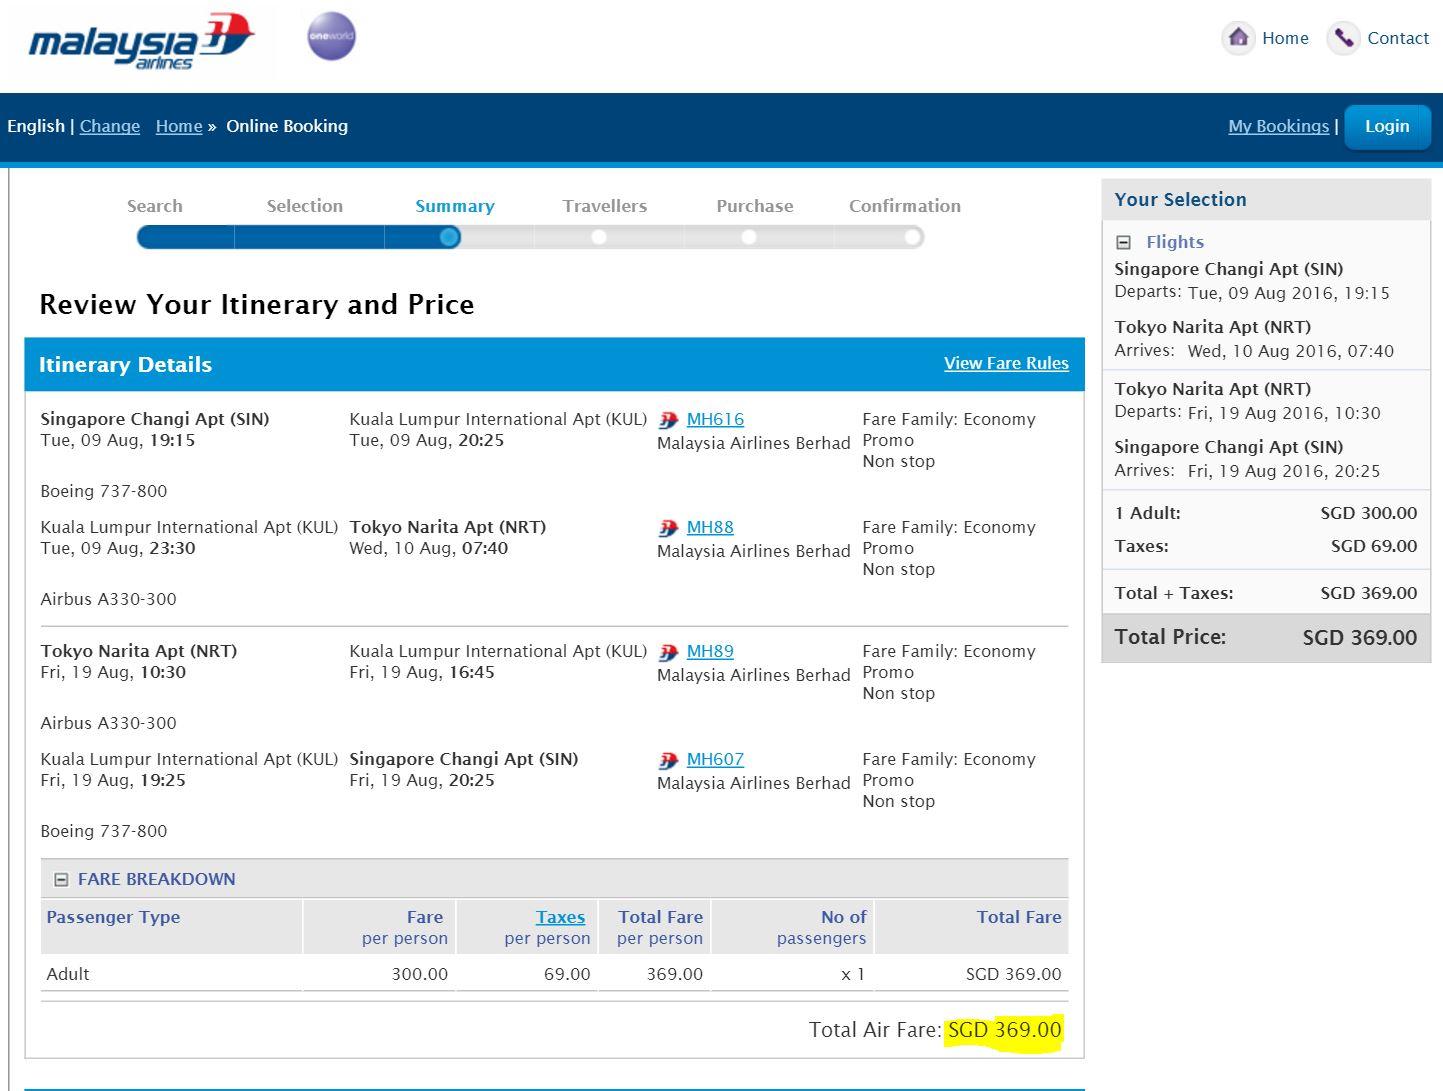 1088 mas tokyo singapore depart